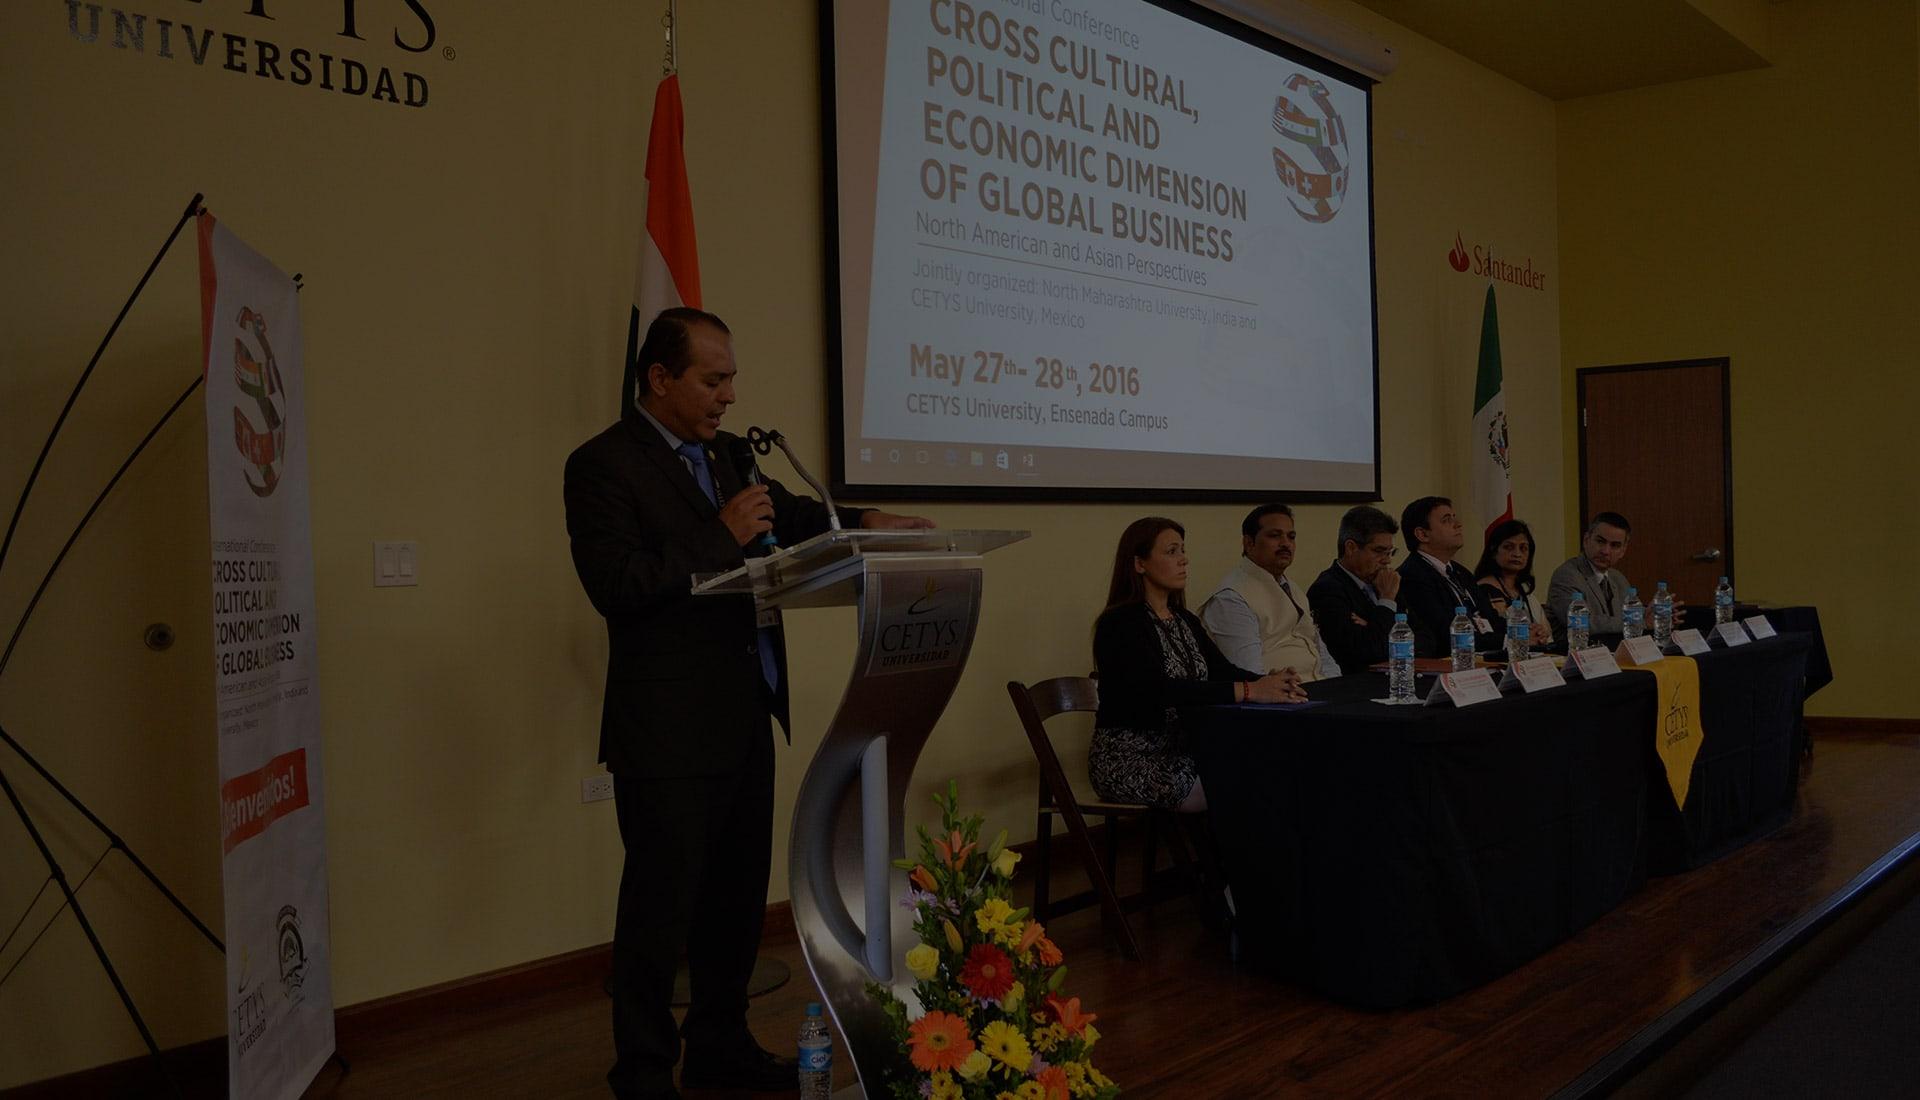 Dr. Francisco Velez dando un mensaje en CETYS Universidad, Campus Ensenada